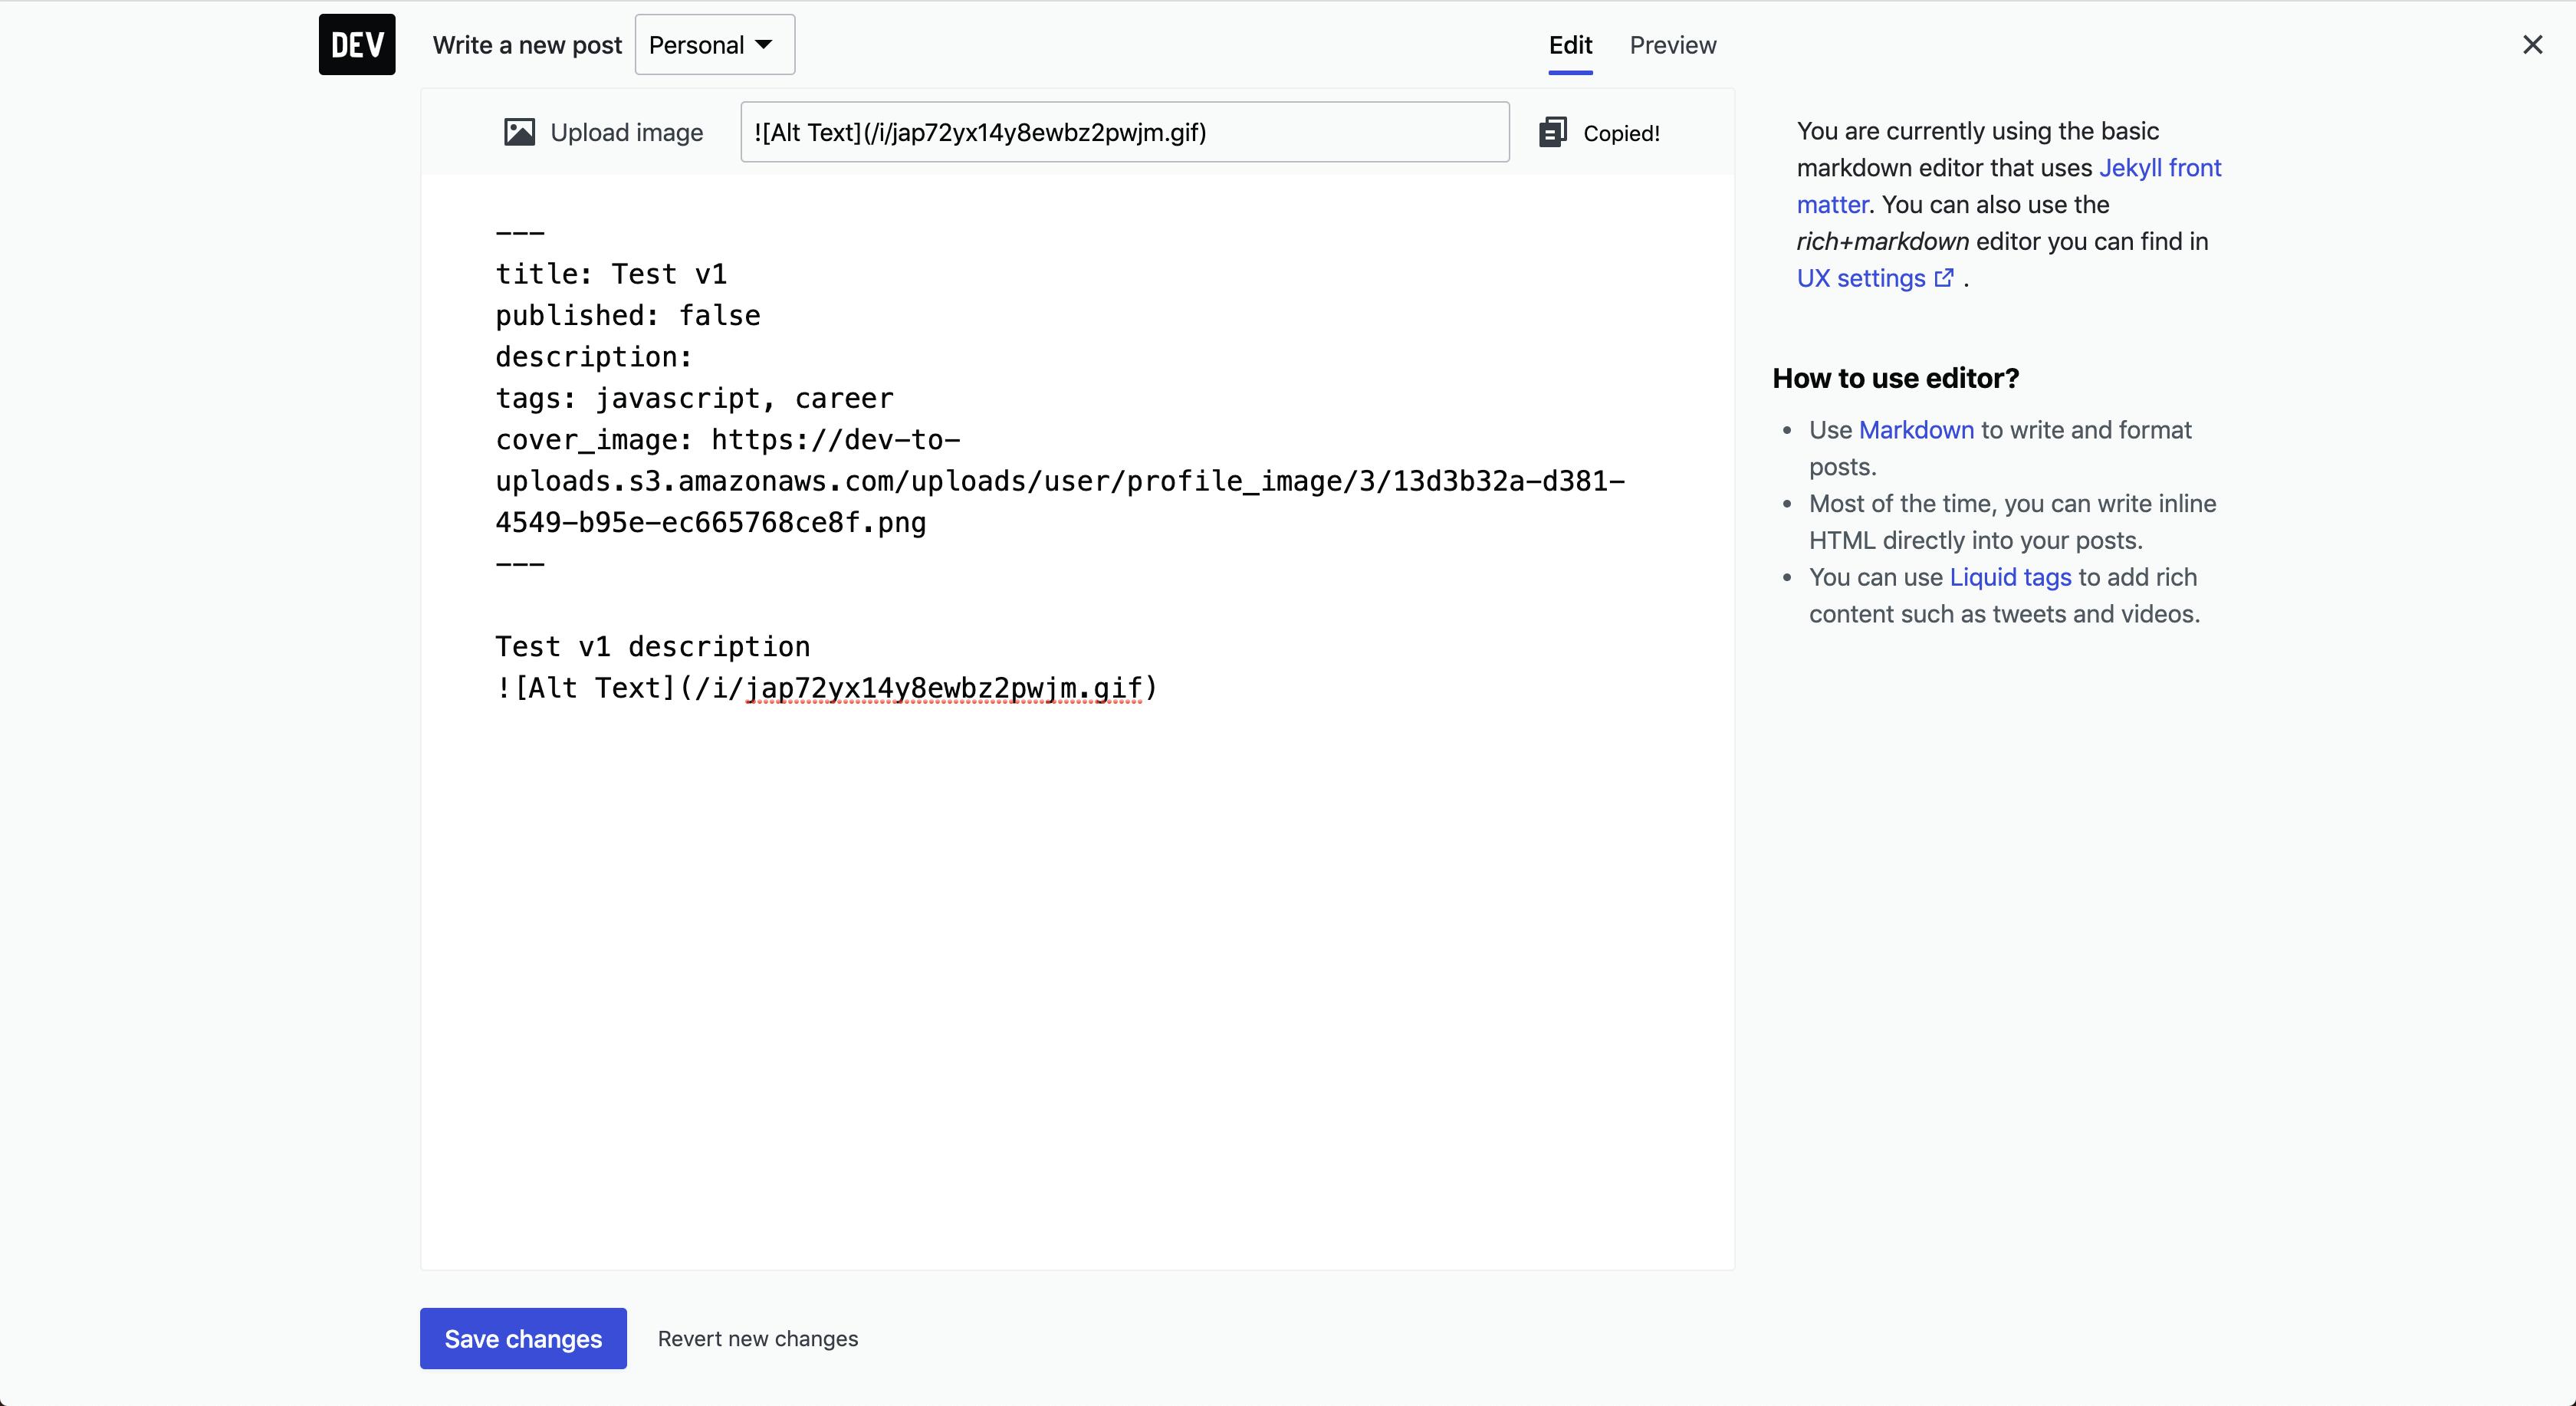 Screenshot 2020-05-19 at 13 35 08